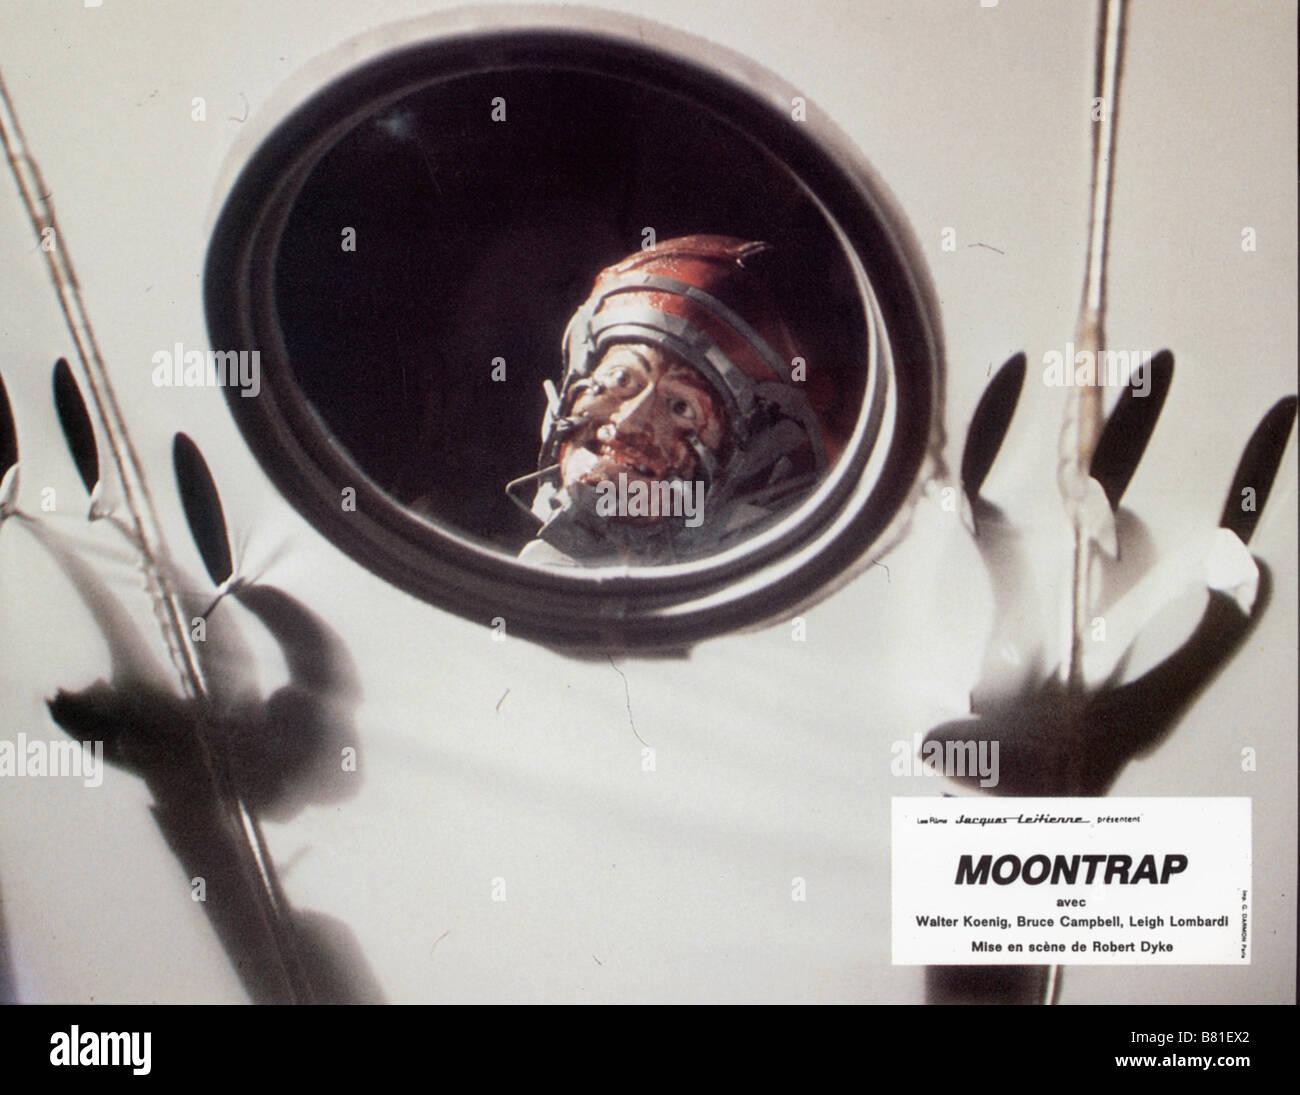 moontrap 1989 download